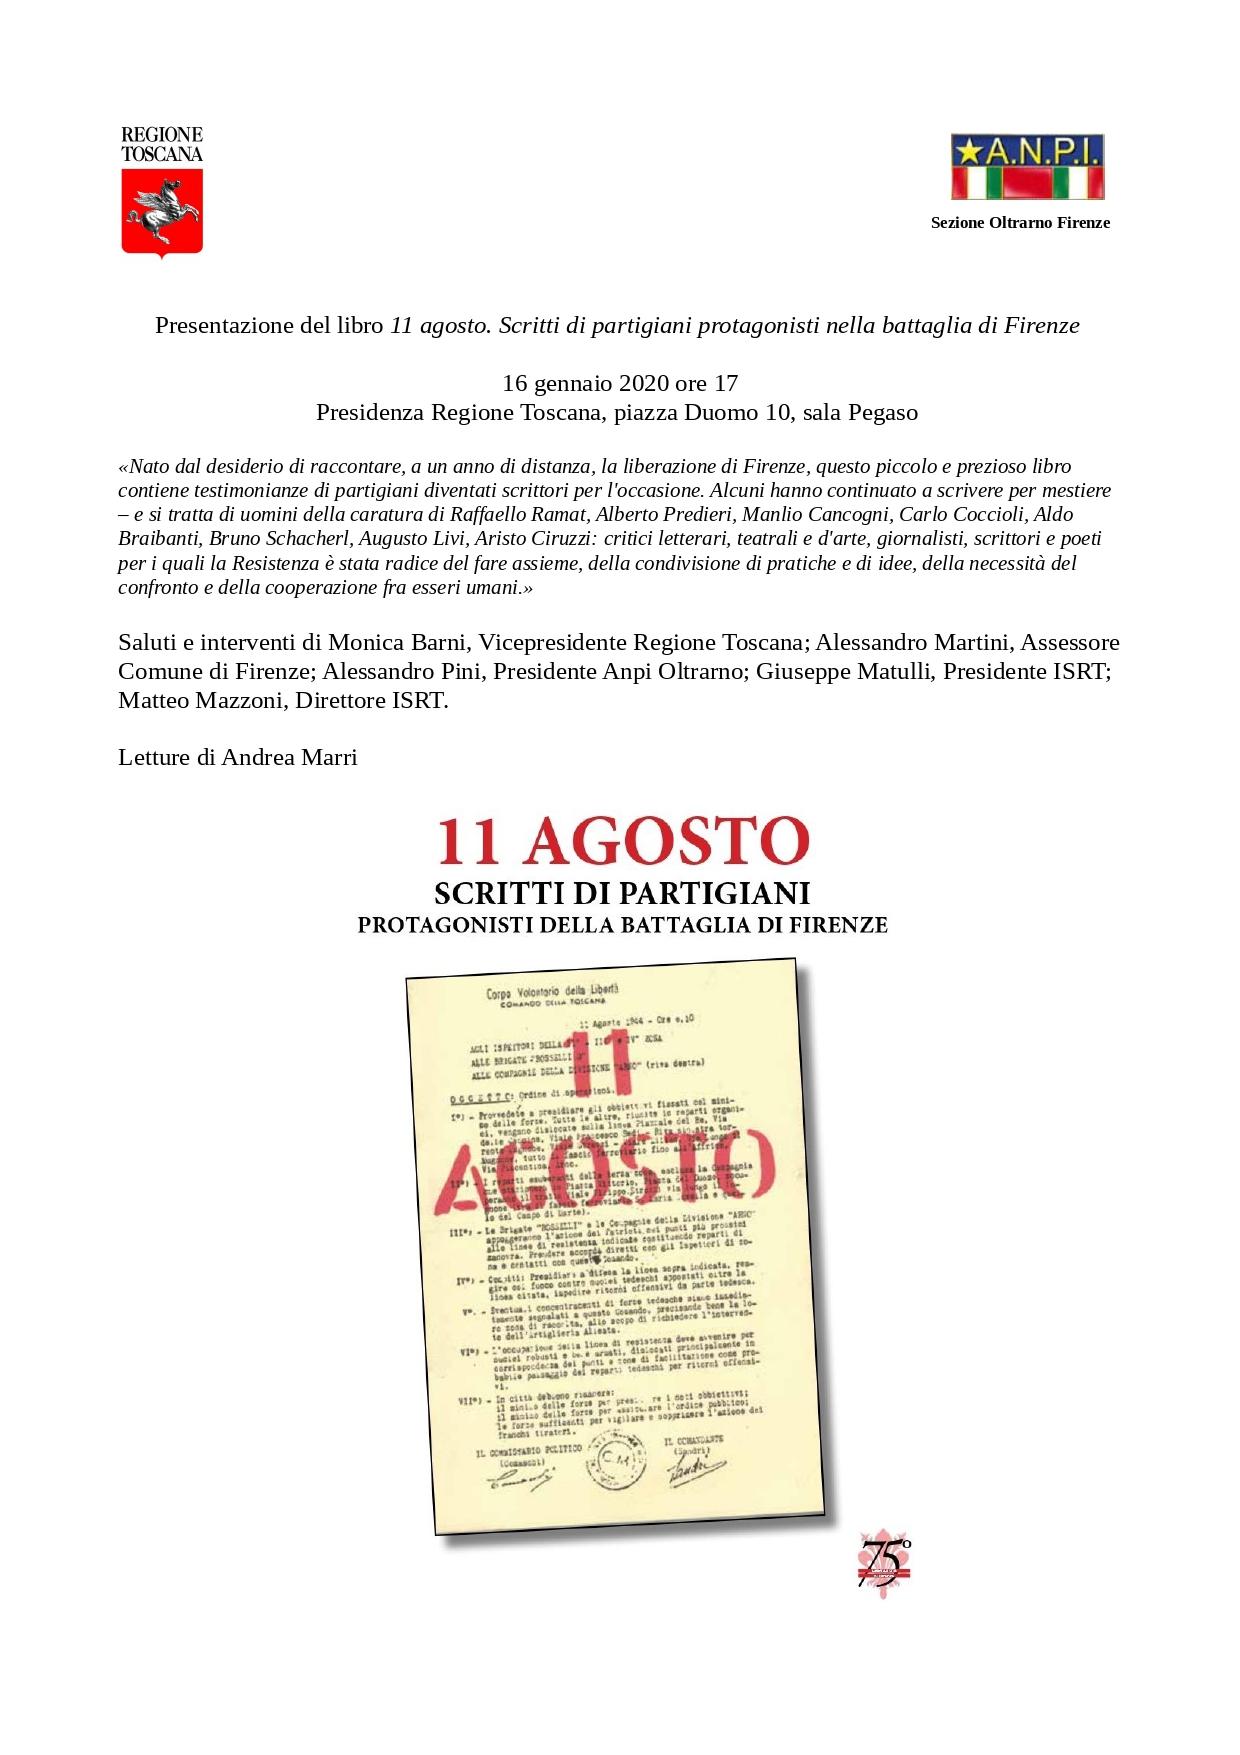 Invito 11agosto_page-0001 (1)